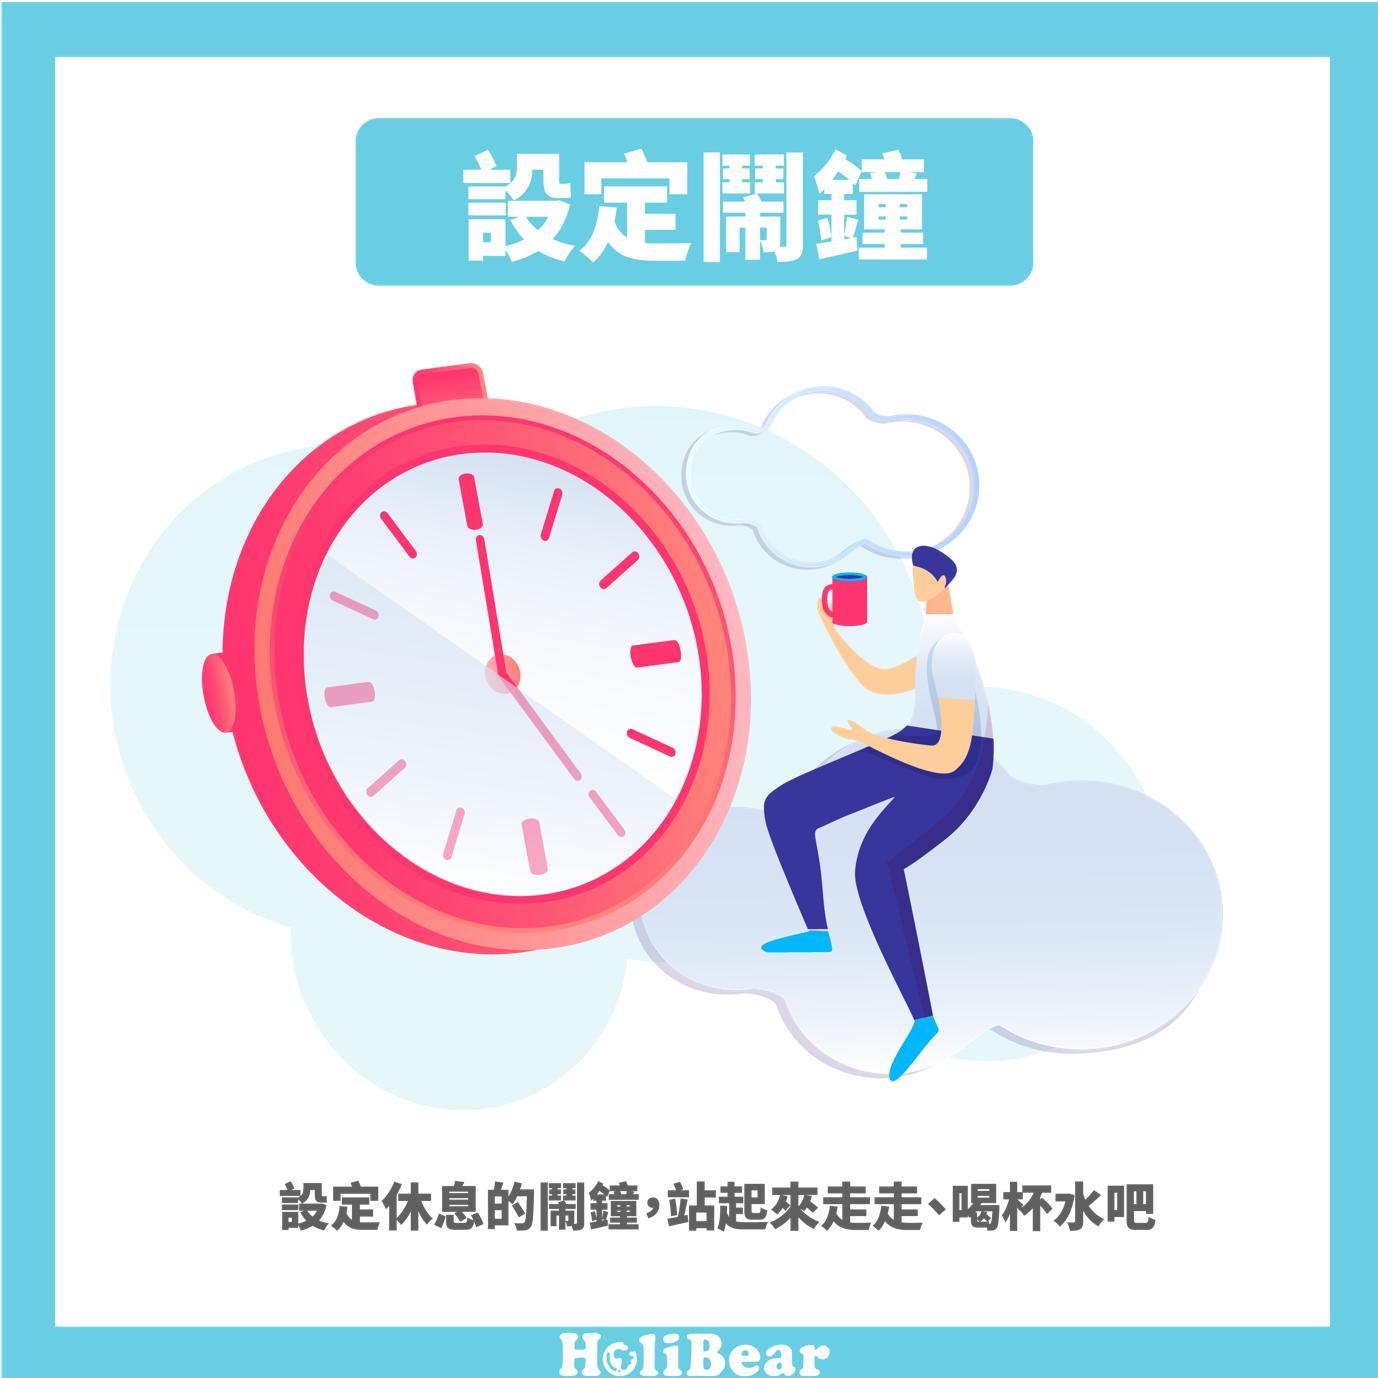 斜槓放鬆小技巧:設定休息的鬧鐘